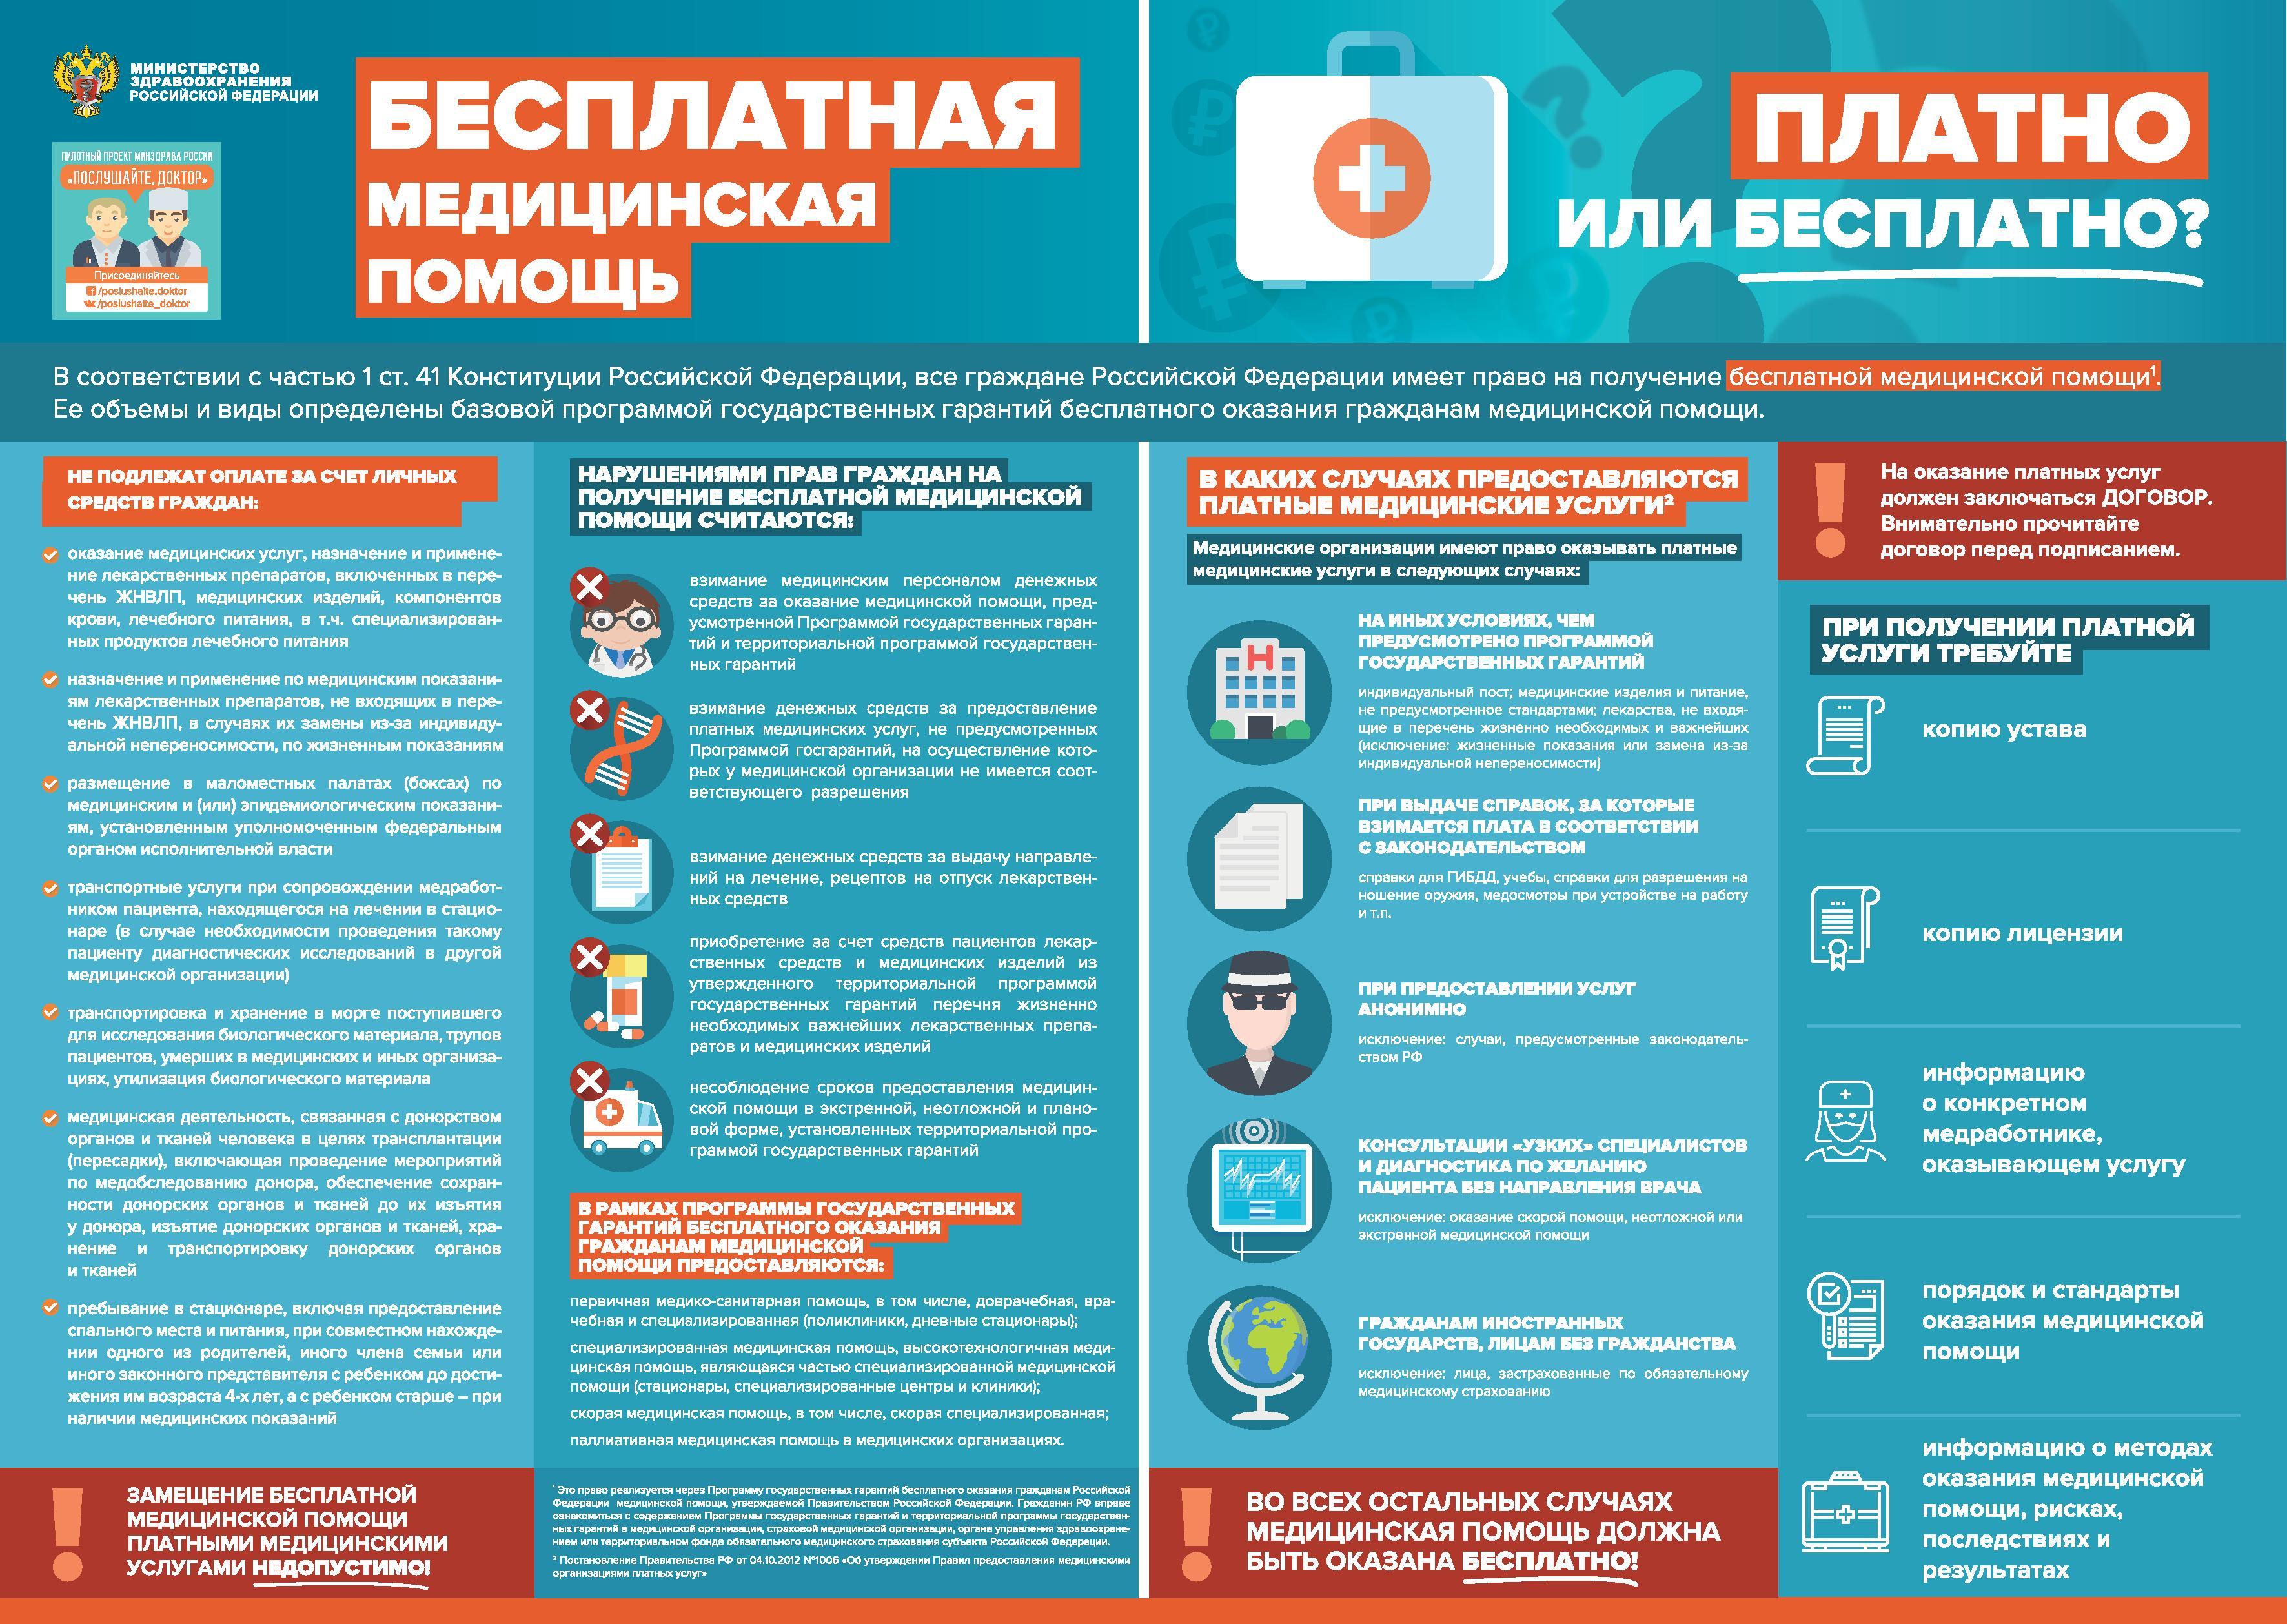 Справка в бассейн в поликлинике бесплатно Москва Марьина роща